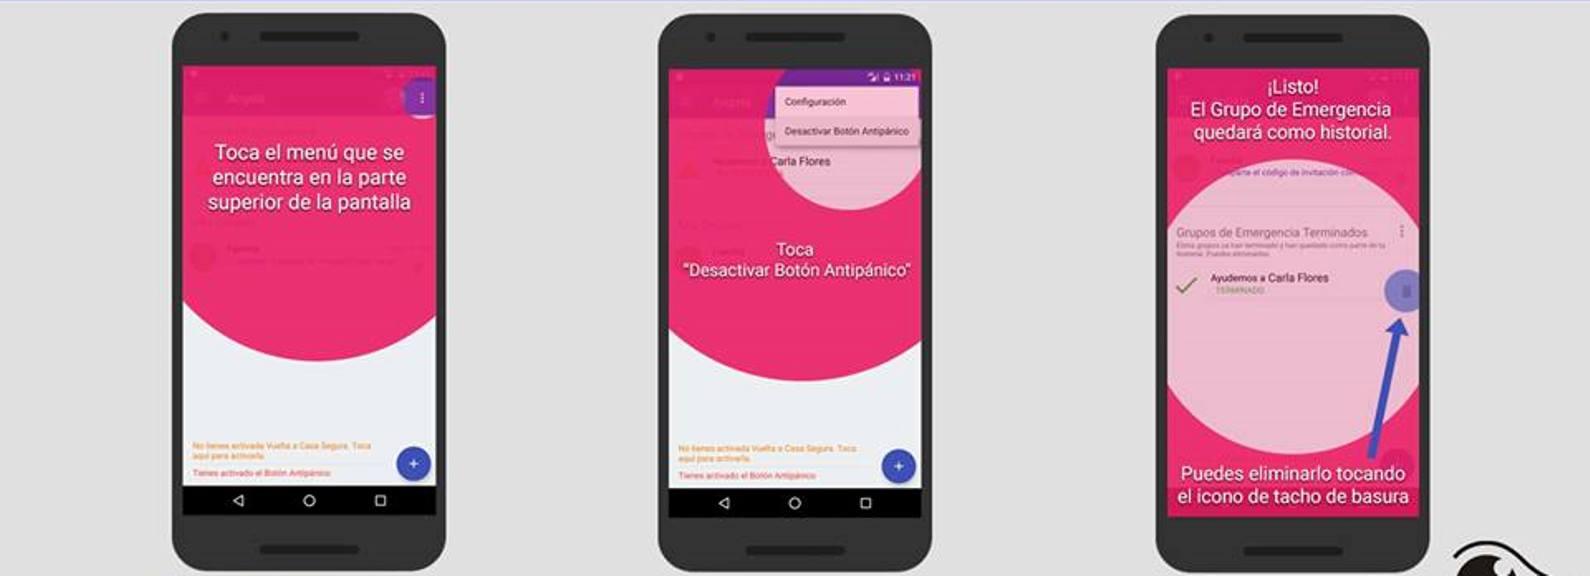 Una app salteña golpea a la violencia de género